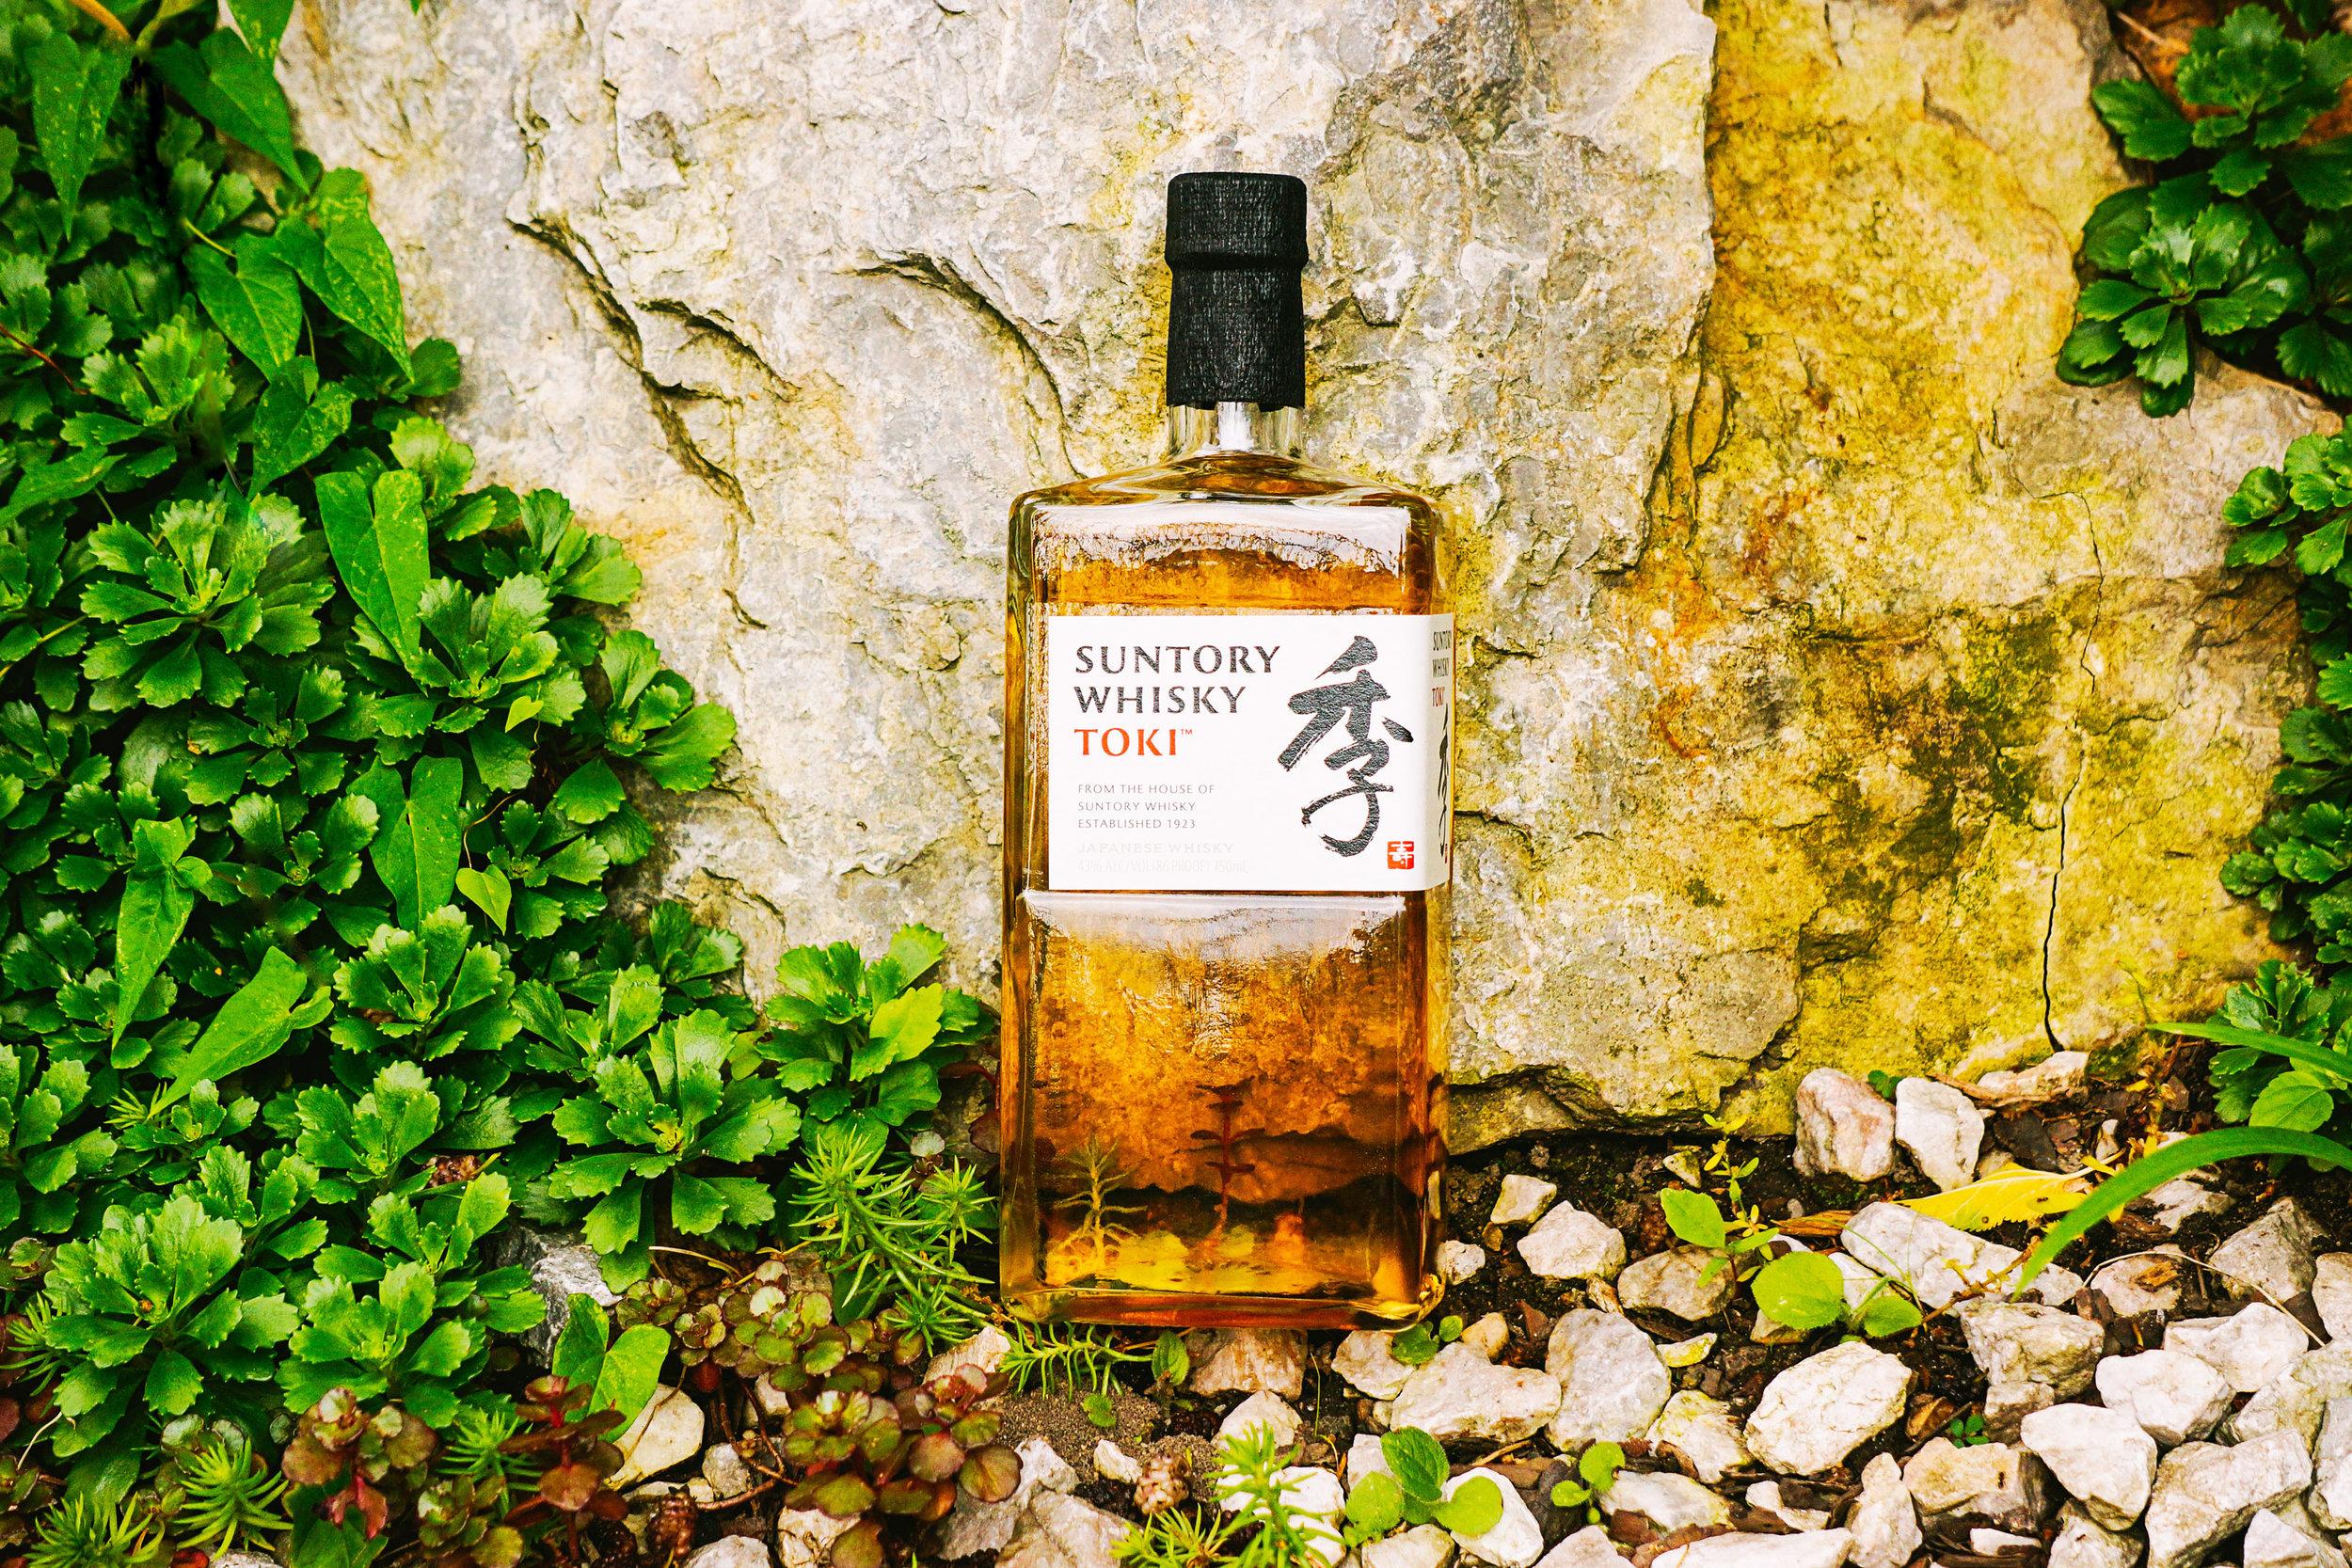 Suntory-Whisky-1.jpg